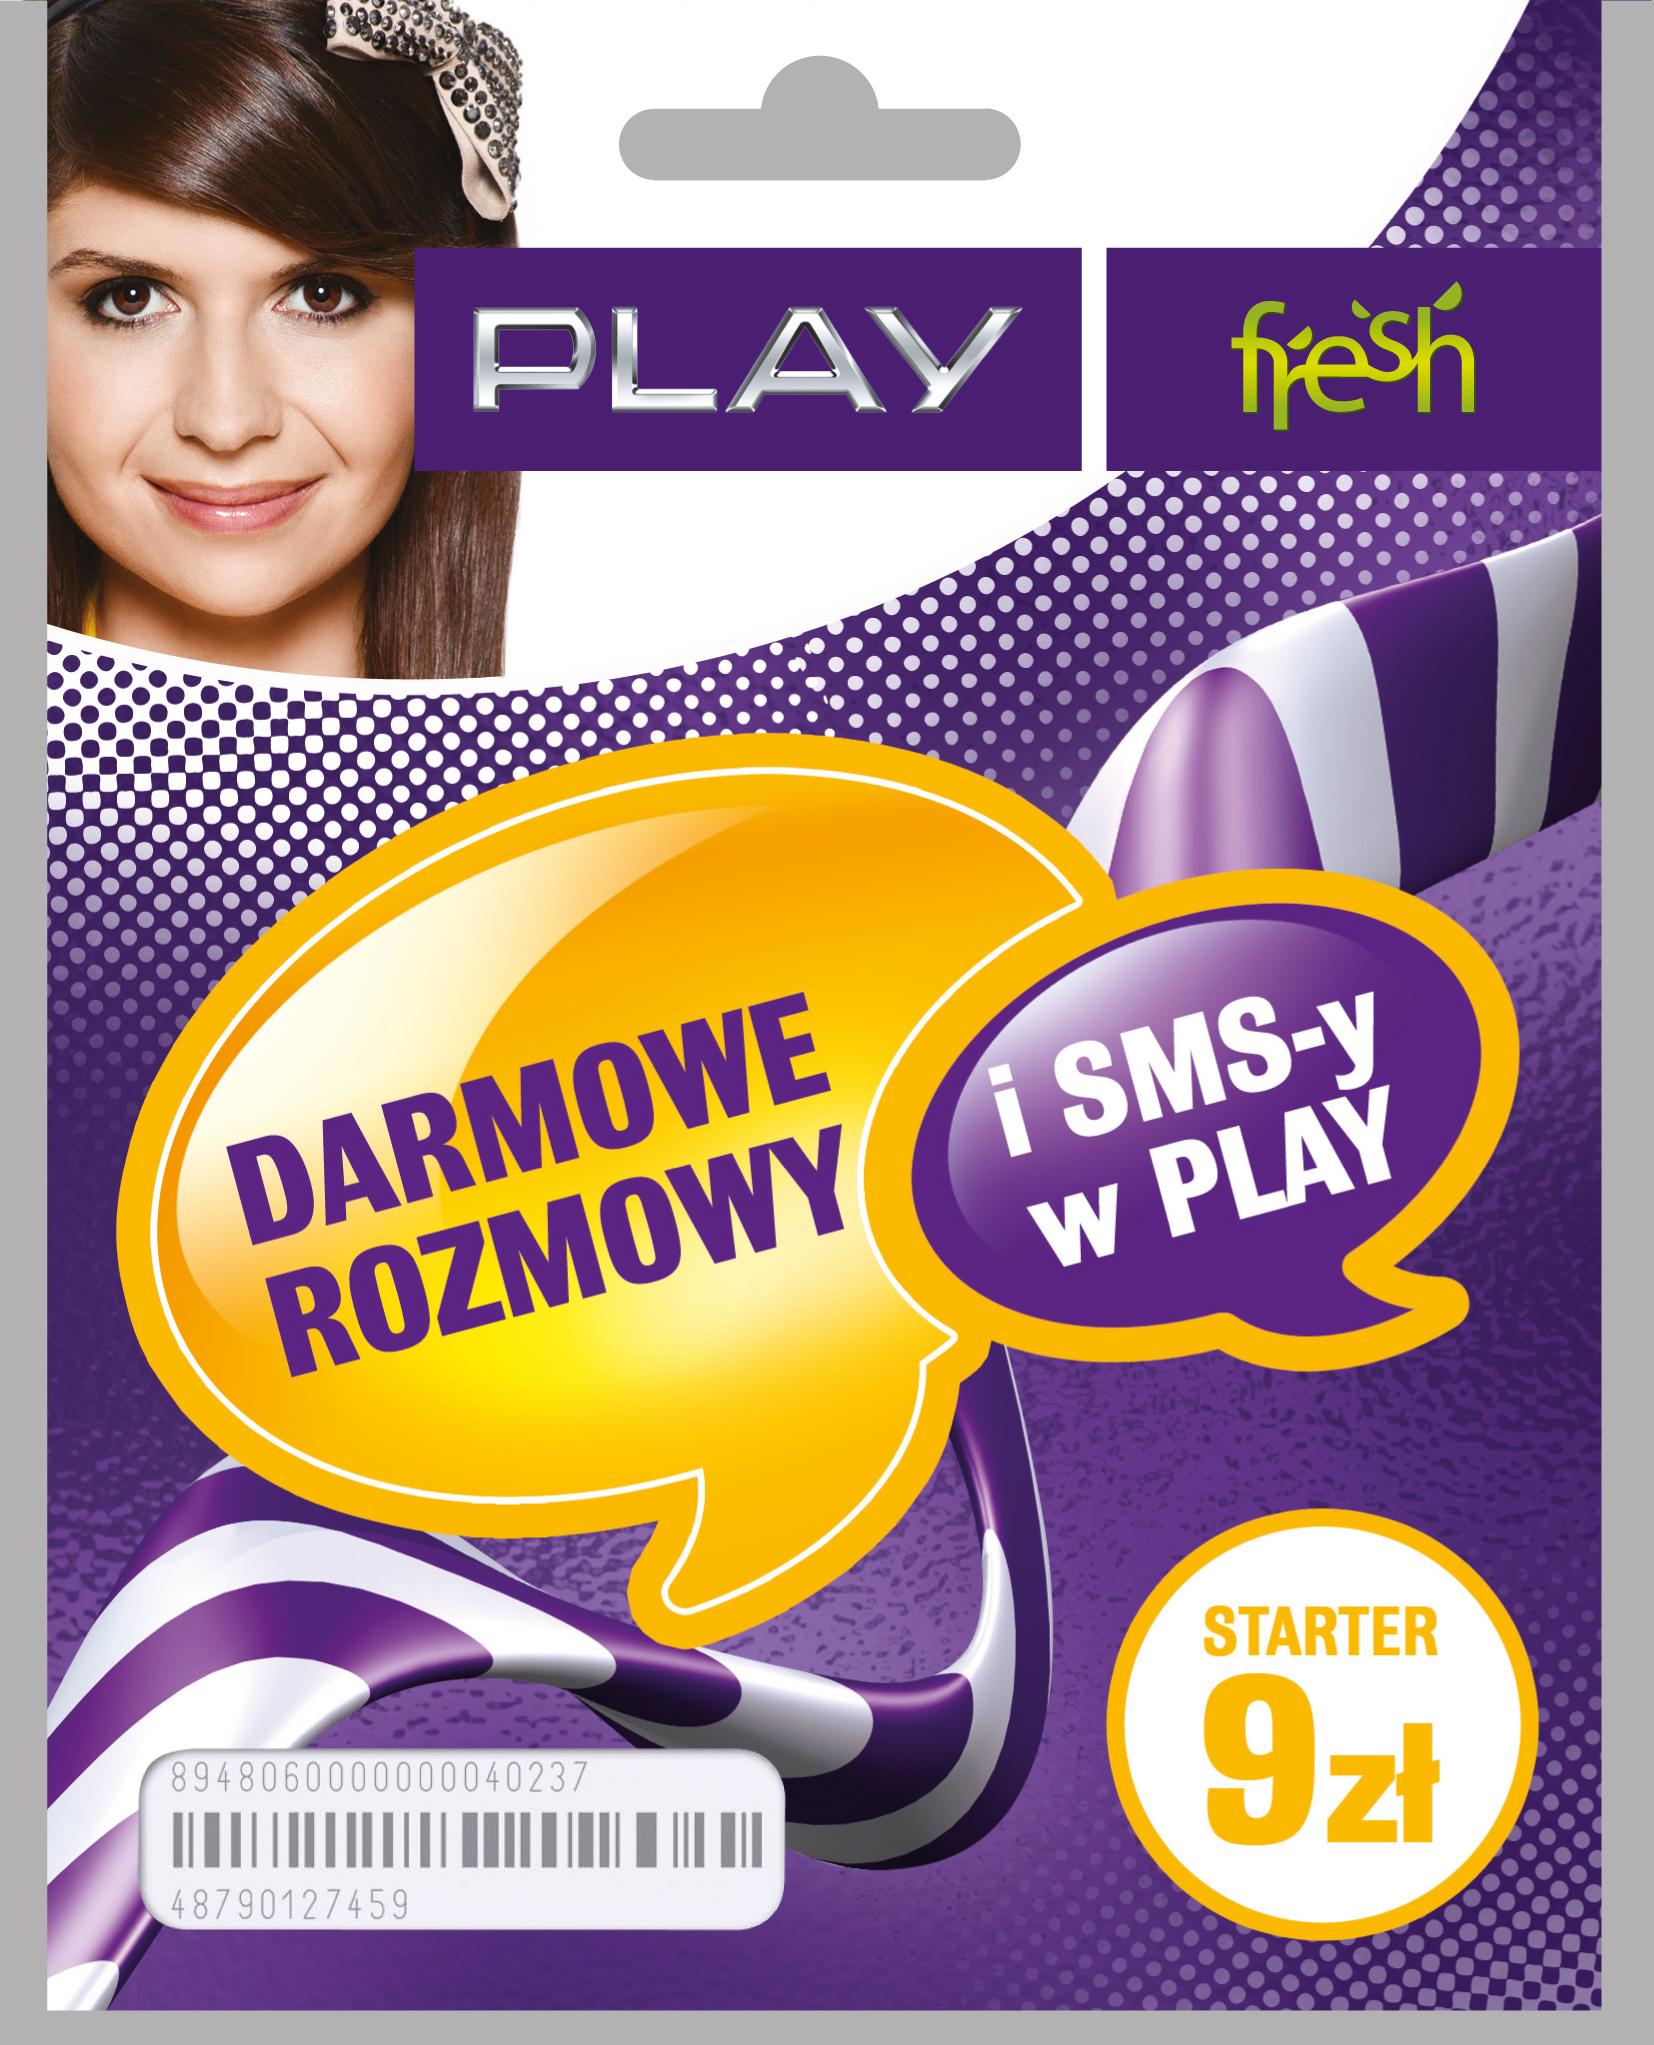 W.Play.Com